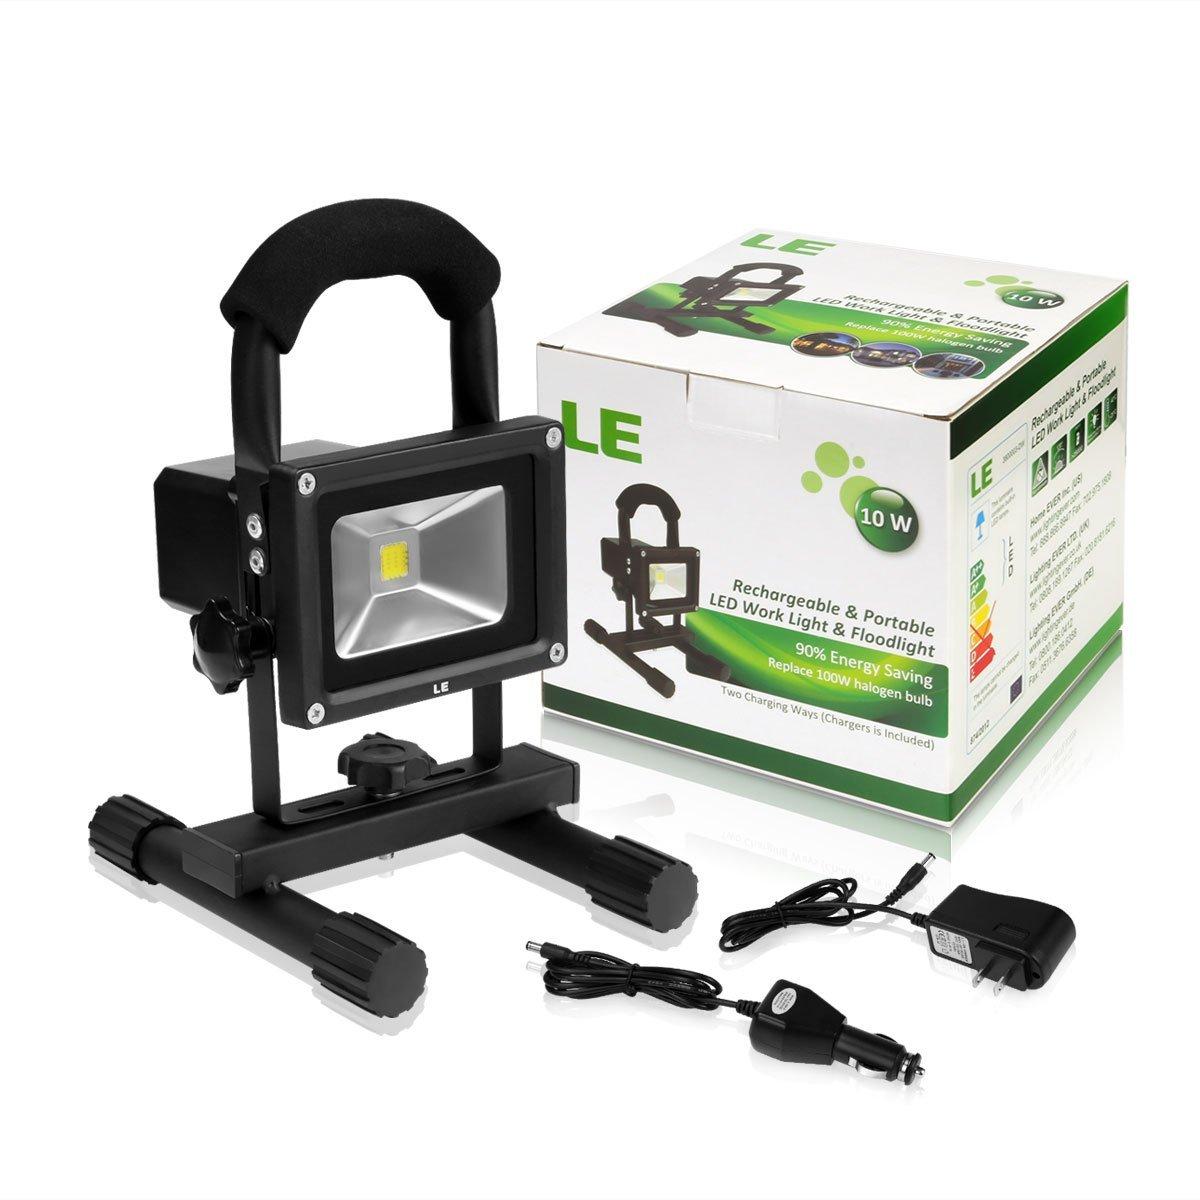 12 Watt Rechargeable Portable Led Work Light For Workshop: NEW 10W 20W 50 WATT RECHARGEABLE PORTABLE LED FLOOD LIGHT